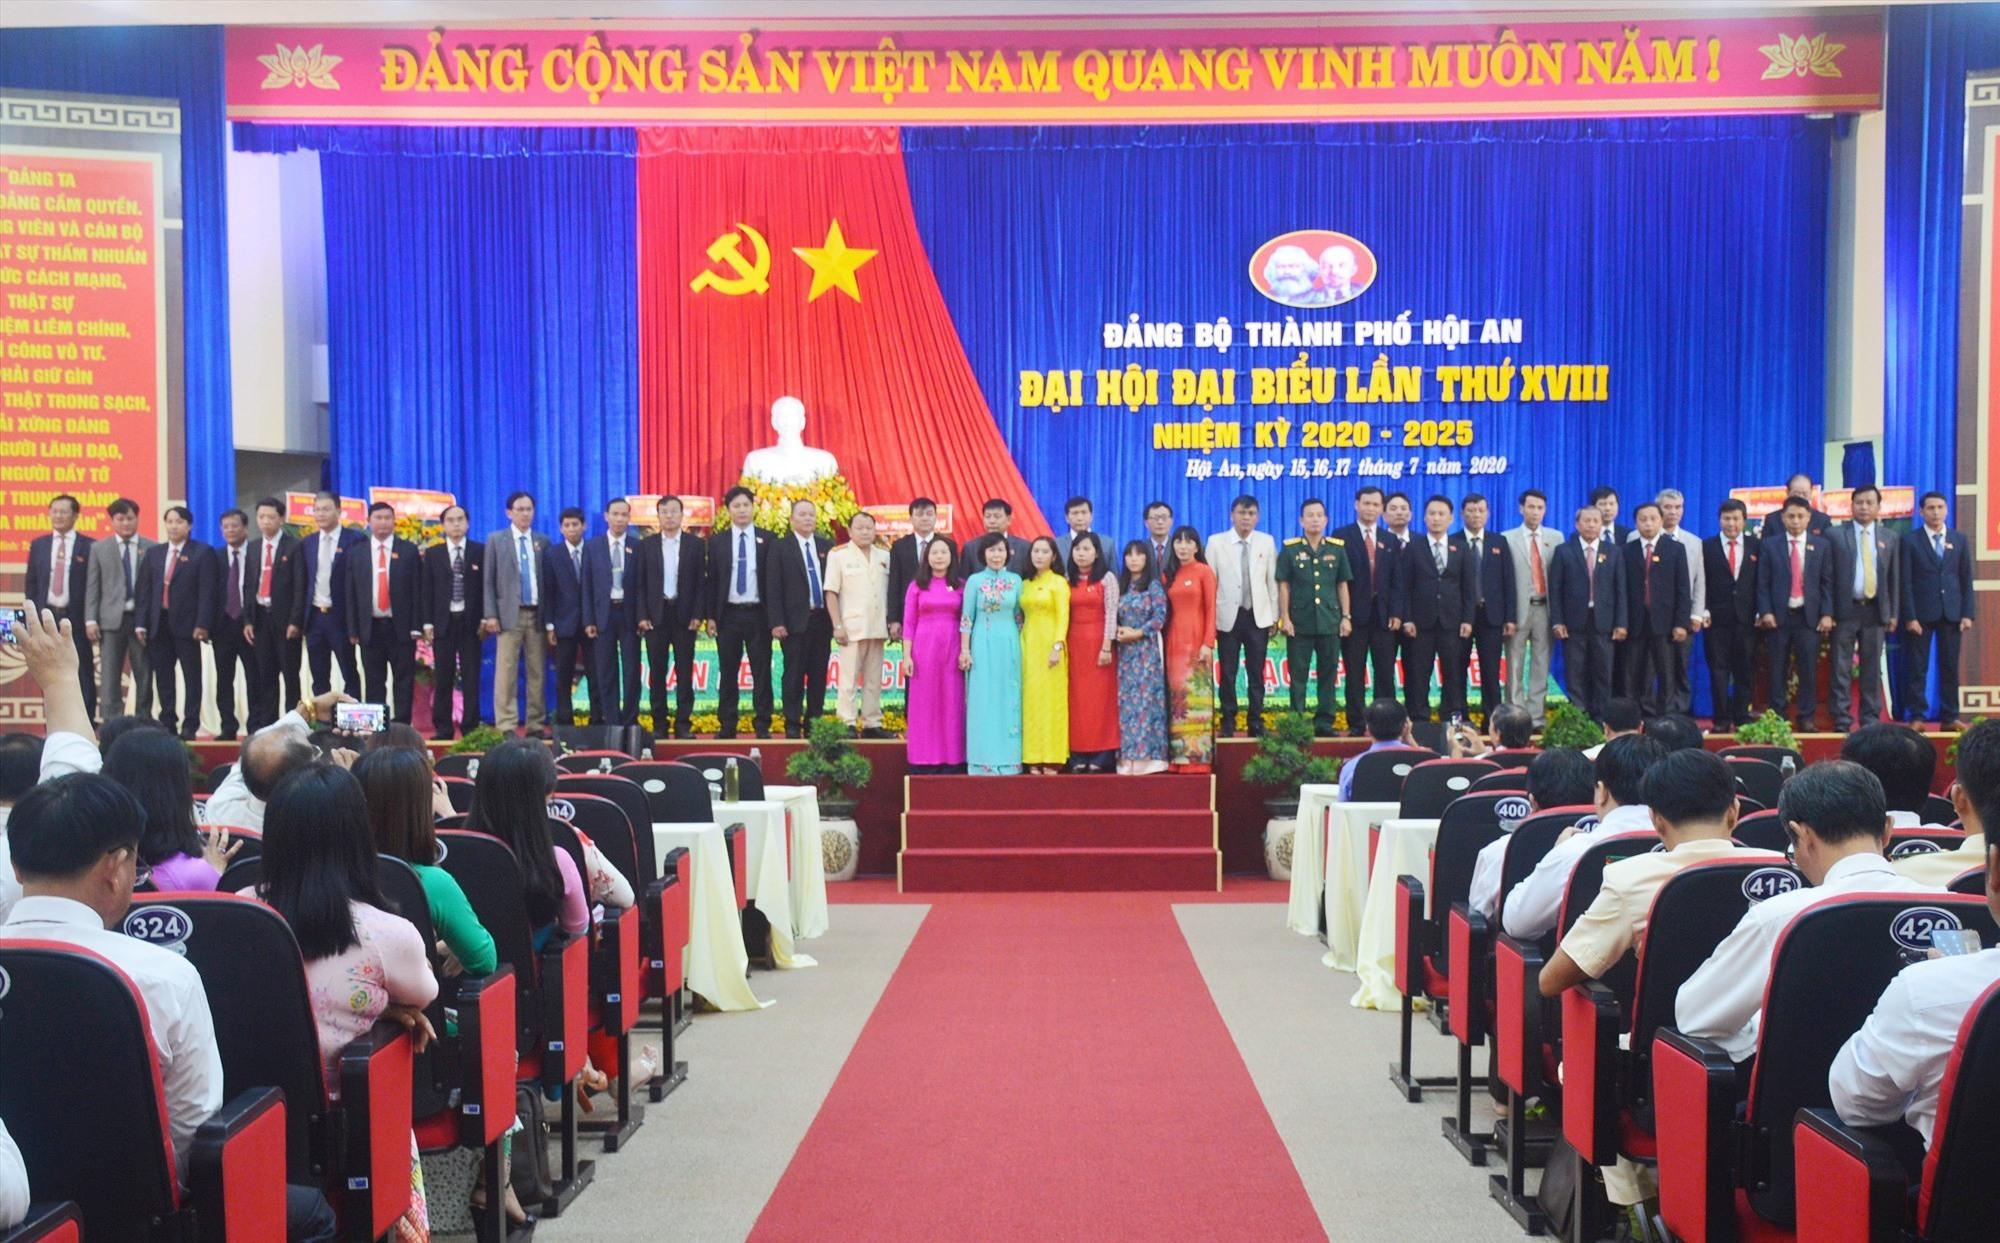 Ban chấp hành Đảng bộ thành phố Hội An khóa XVIII ra mắt tại đại hội. Ảnh: Q.T